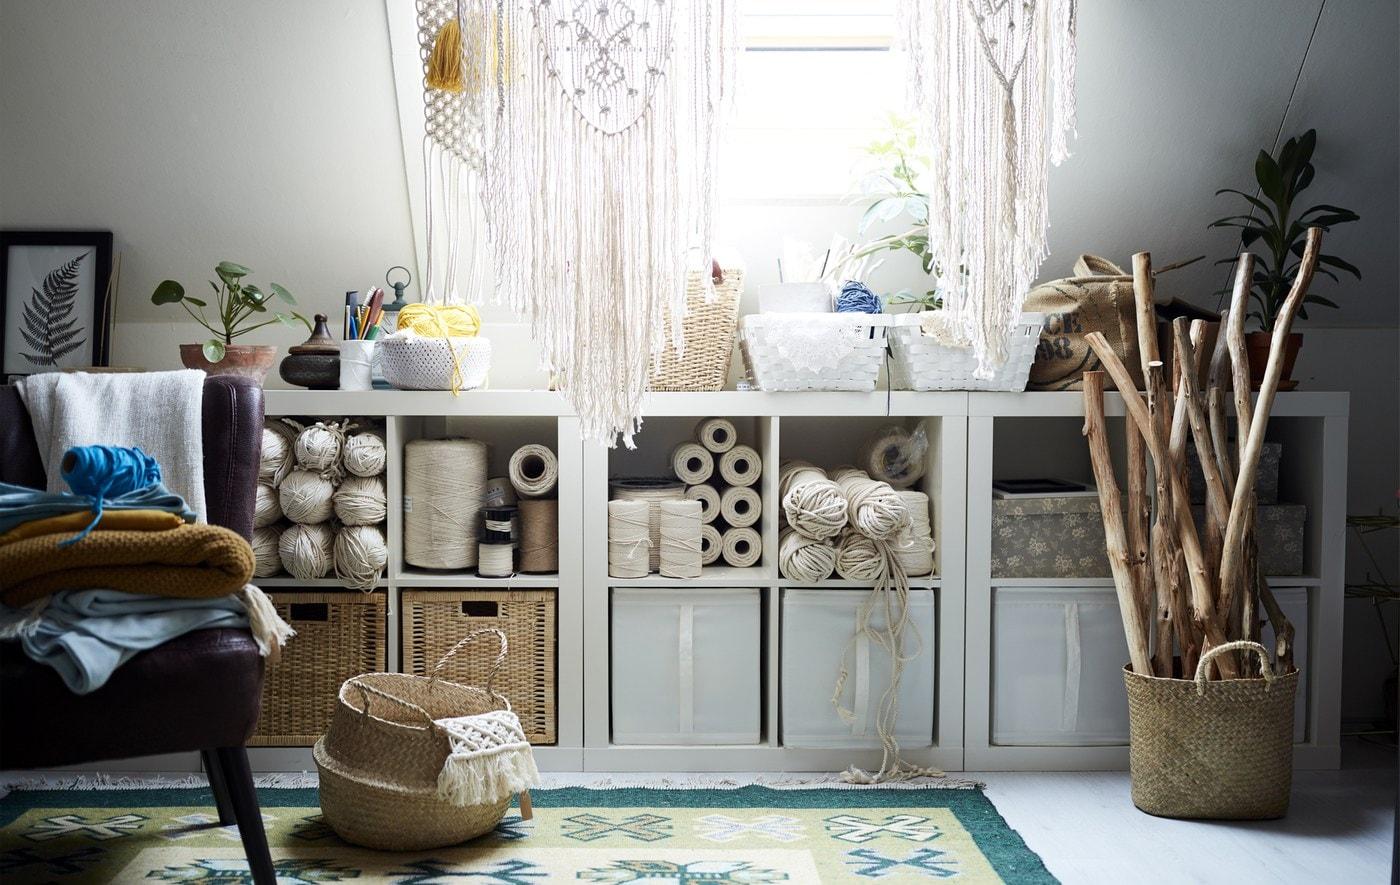 Uno spazio creativo con tante soluzioni pratiche - IKEA